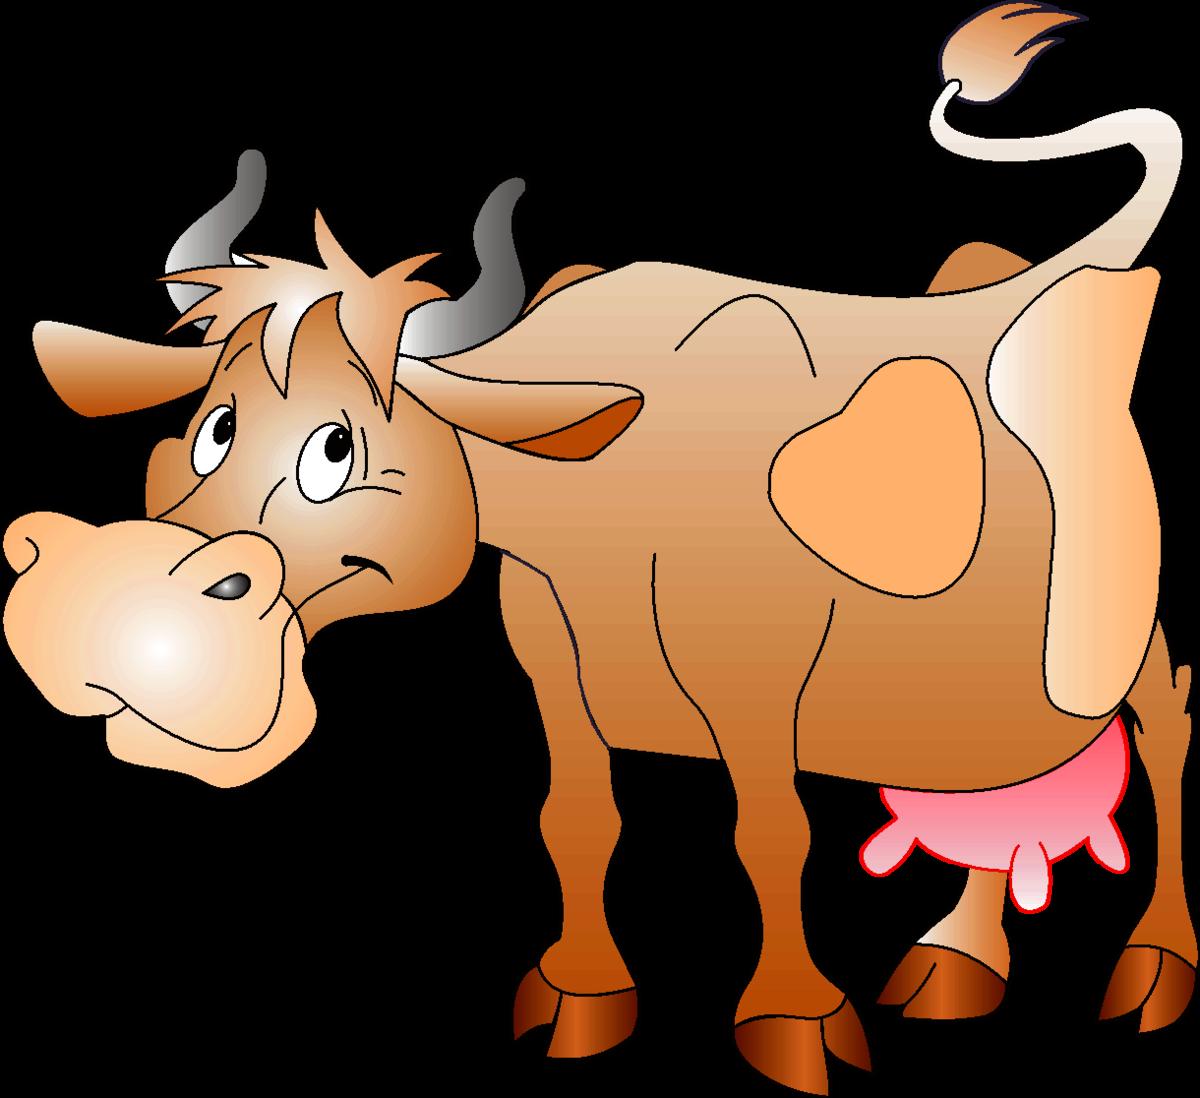 Коровы картинки для детей, открытках марта